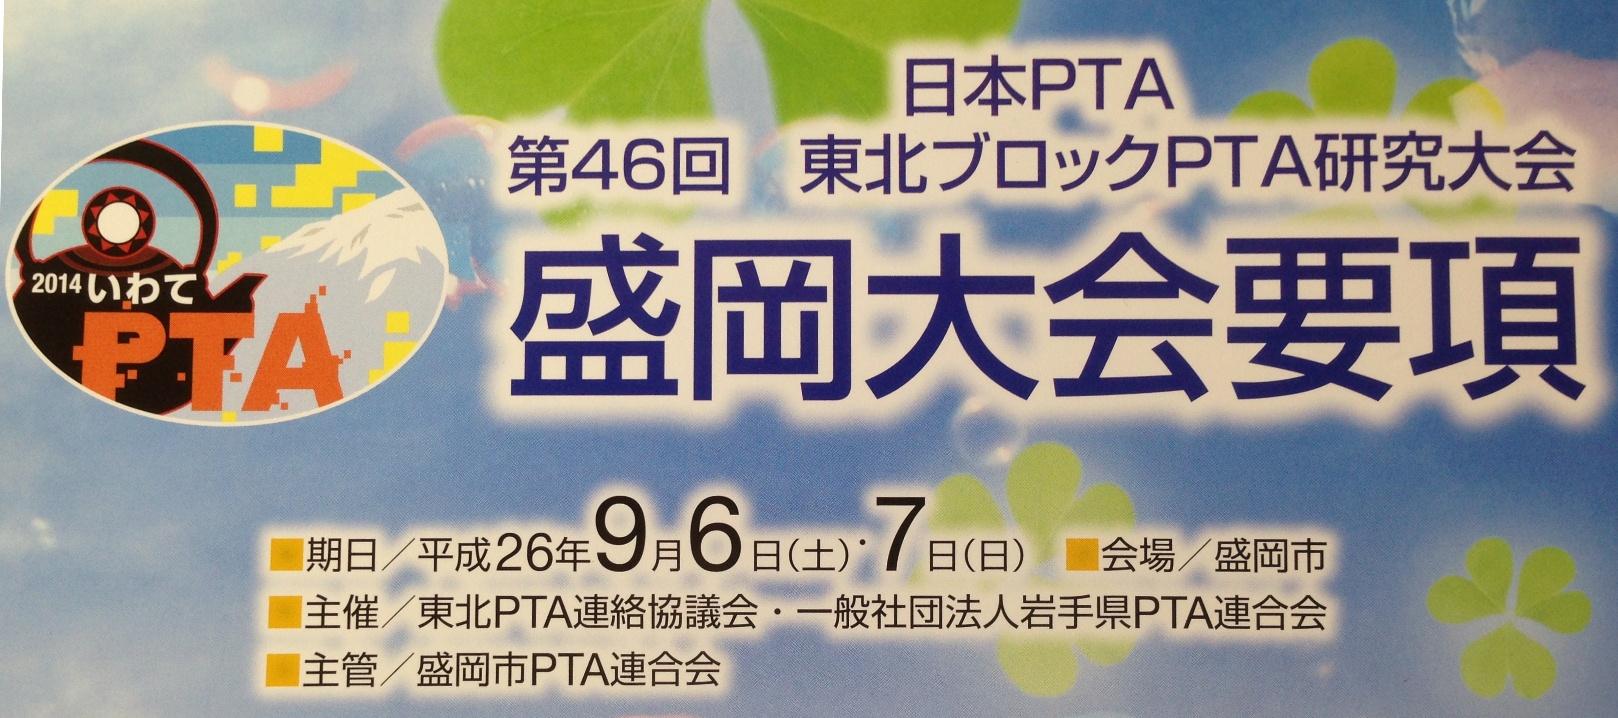 日本PTA 東北ブロックPTA研究大会_c0162404_1511463.jpg